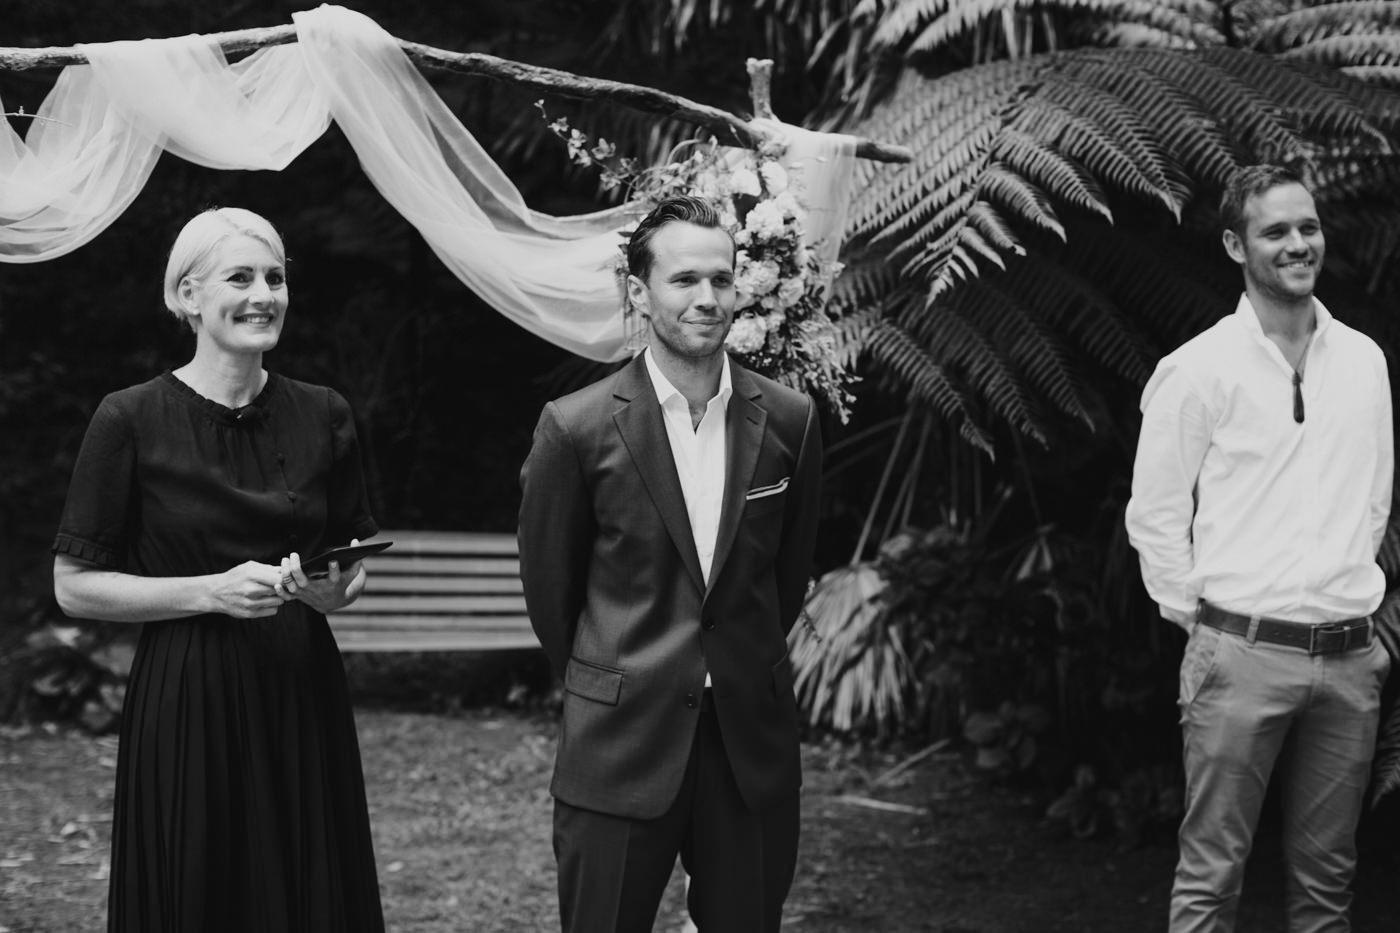 033z_auckland_leigh_wedding_photos.jpg